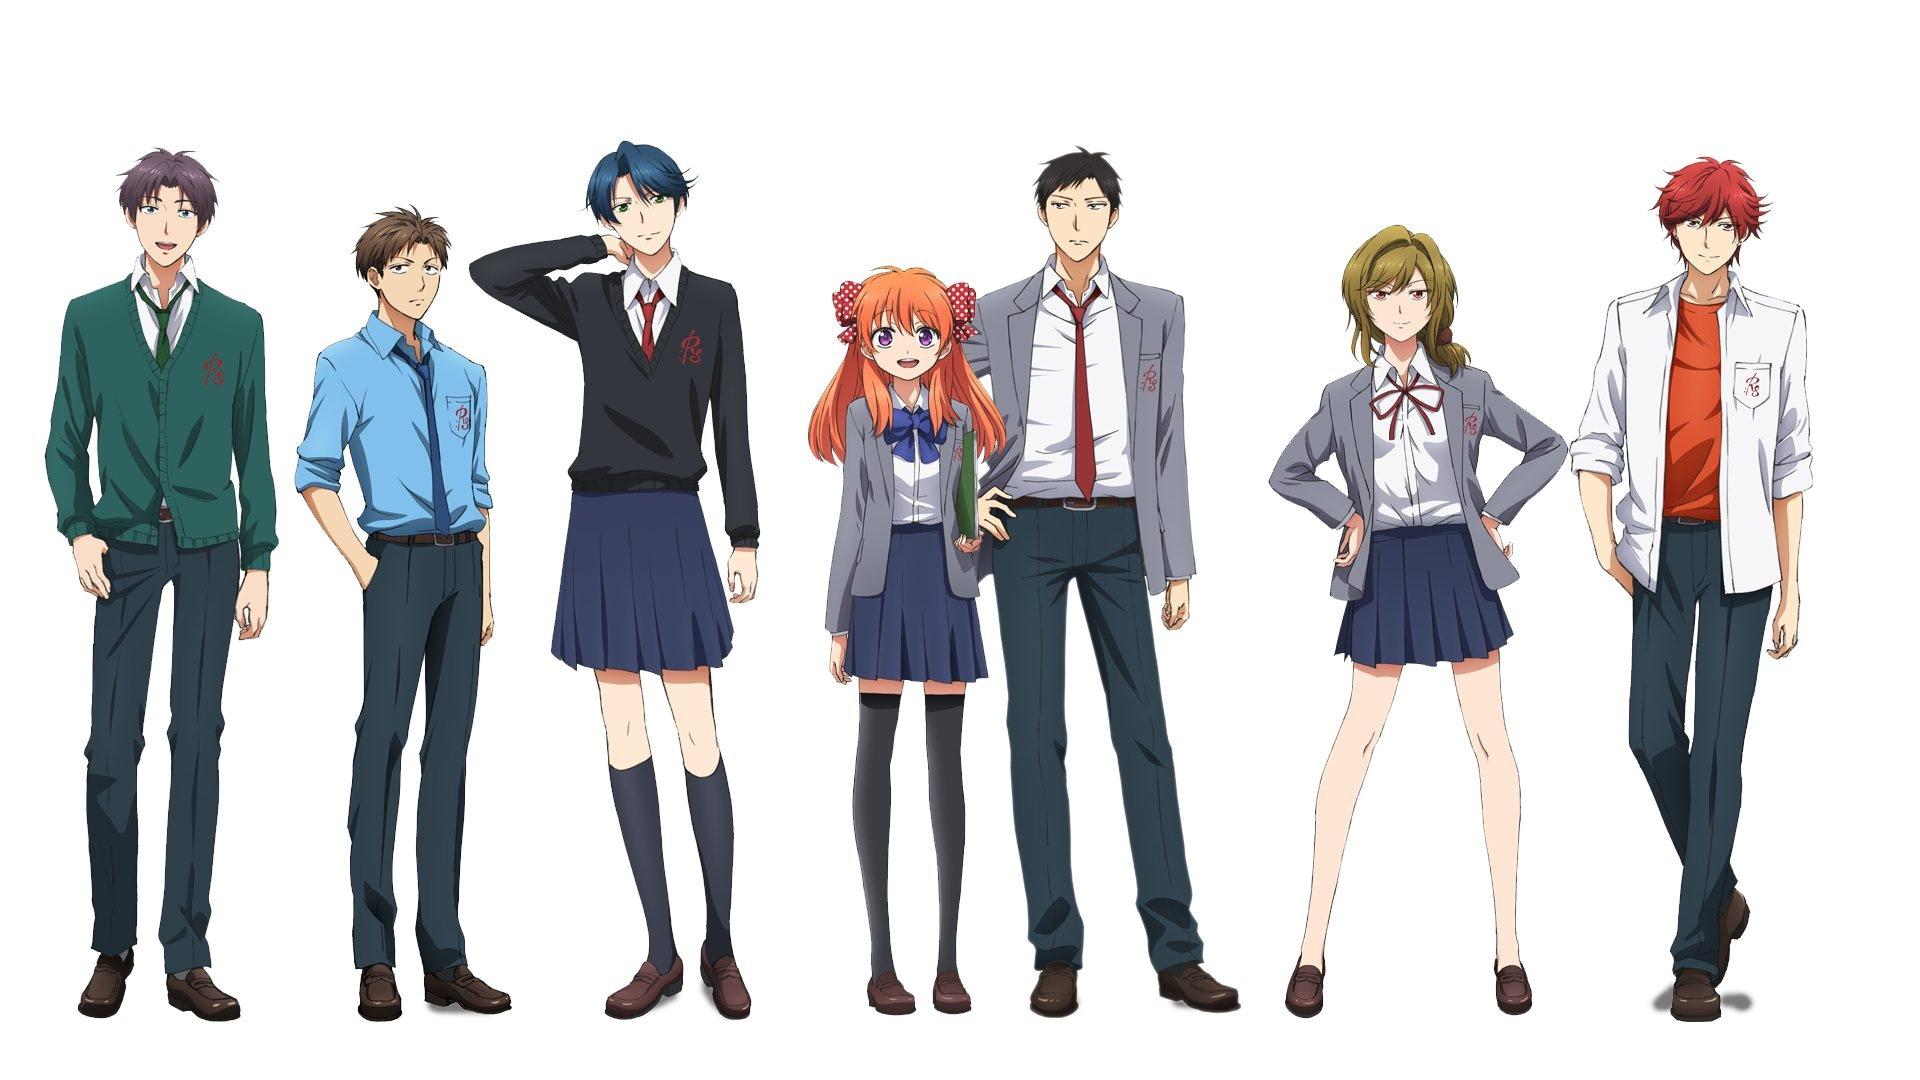 аниме ежемесячное седзе нозаки-куна смотреть онлайн